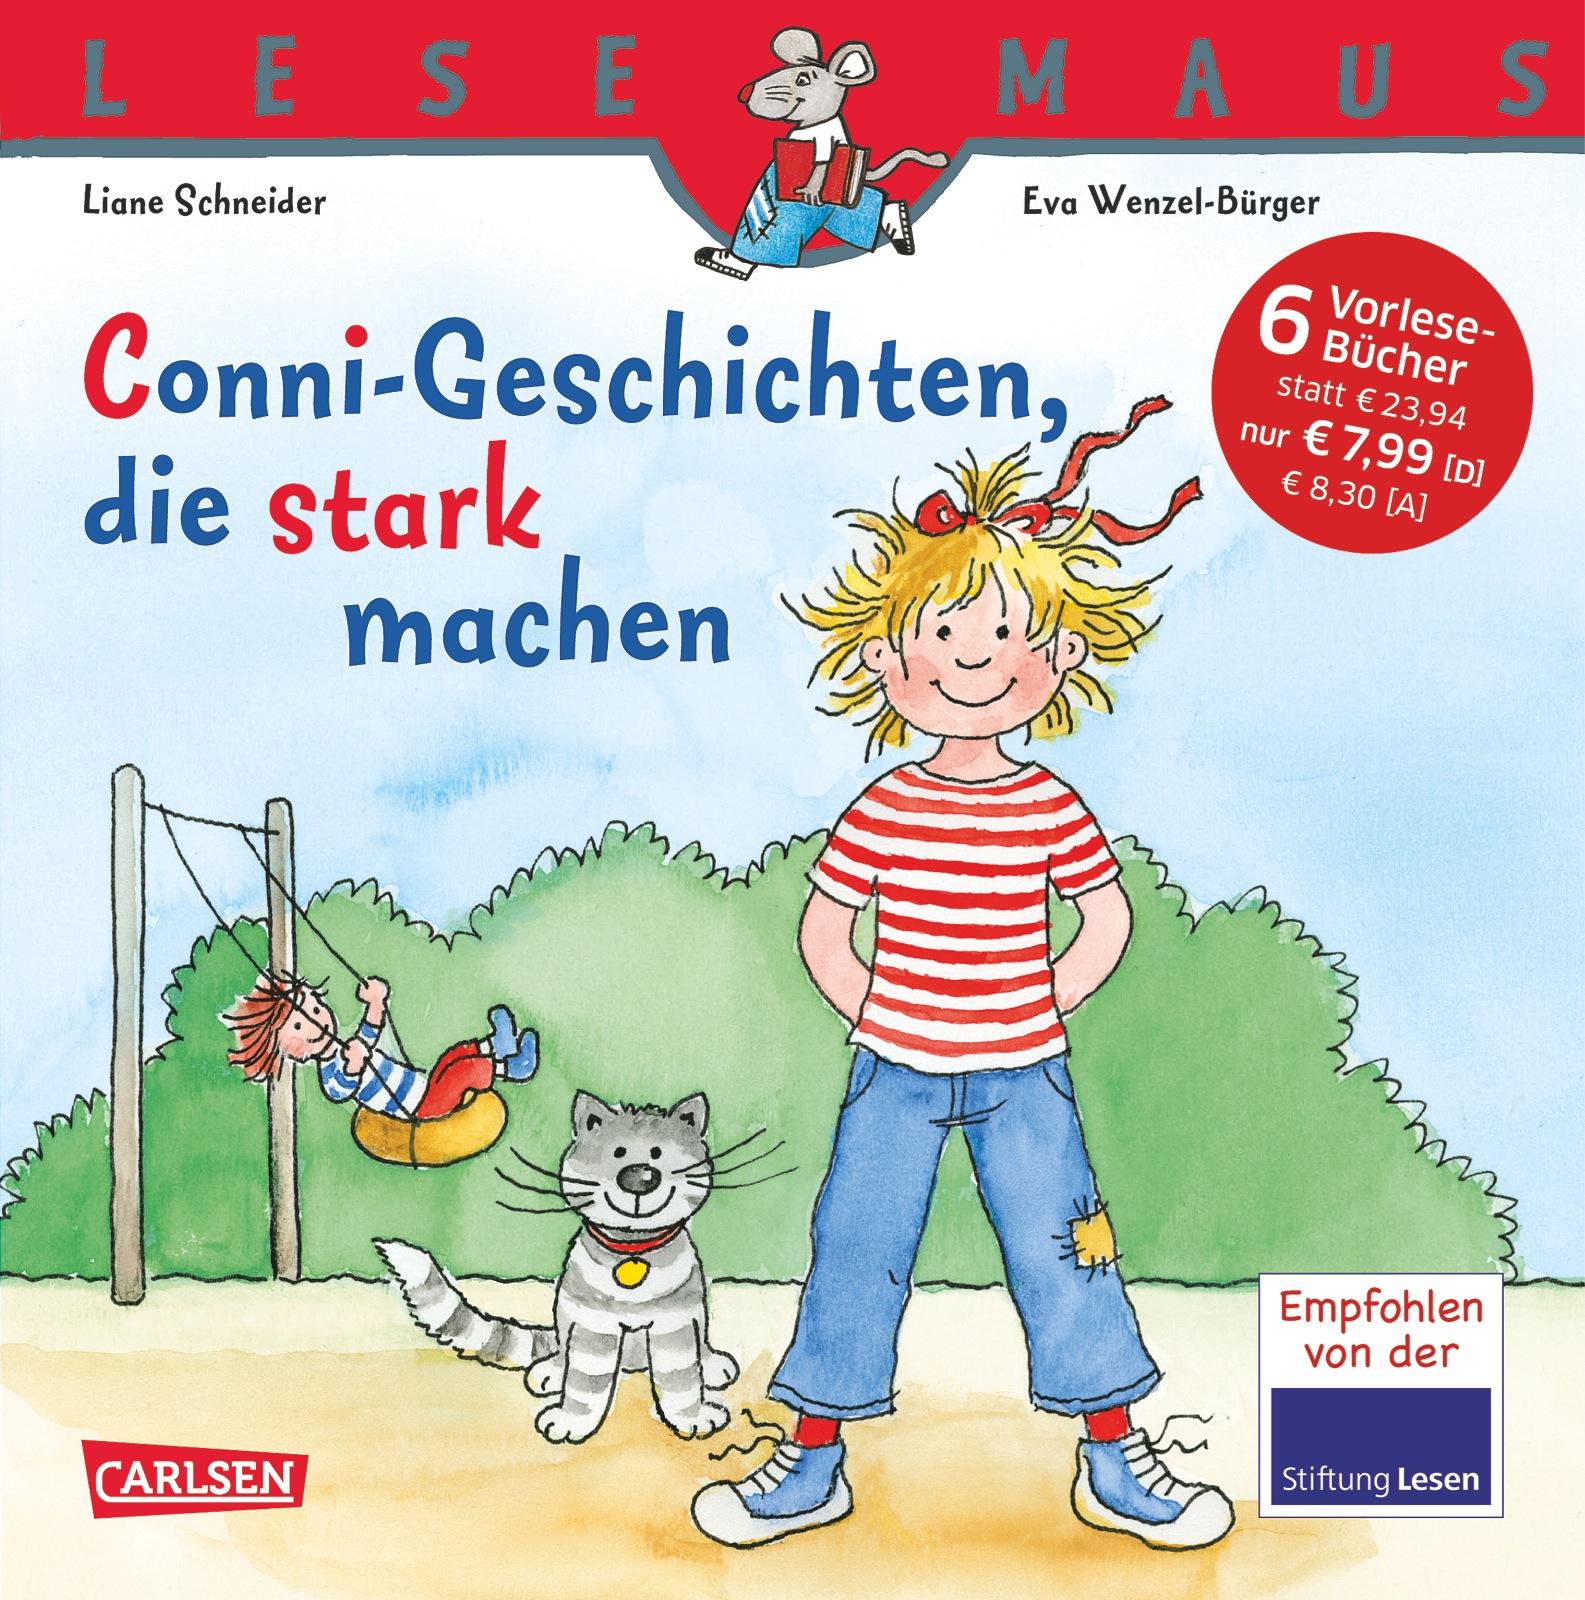 Lesemaus Sonderbände: Conni-Geschichten, die stark machen - Liane Schneider [Sechs Vorlesegeschichten in einem Band]